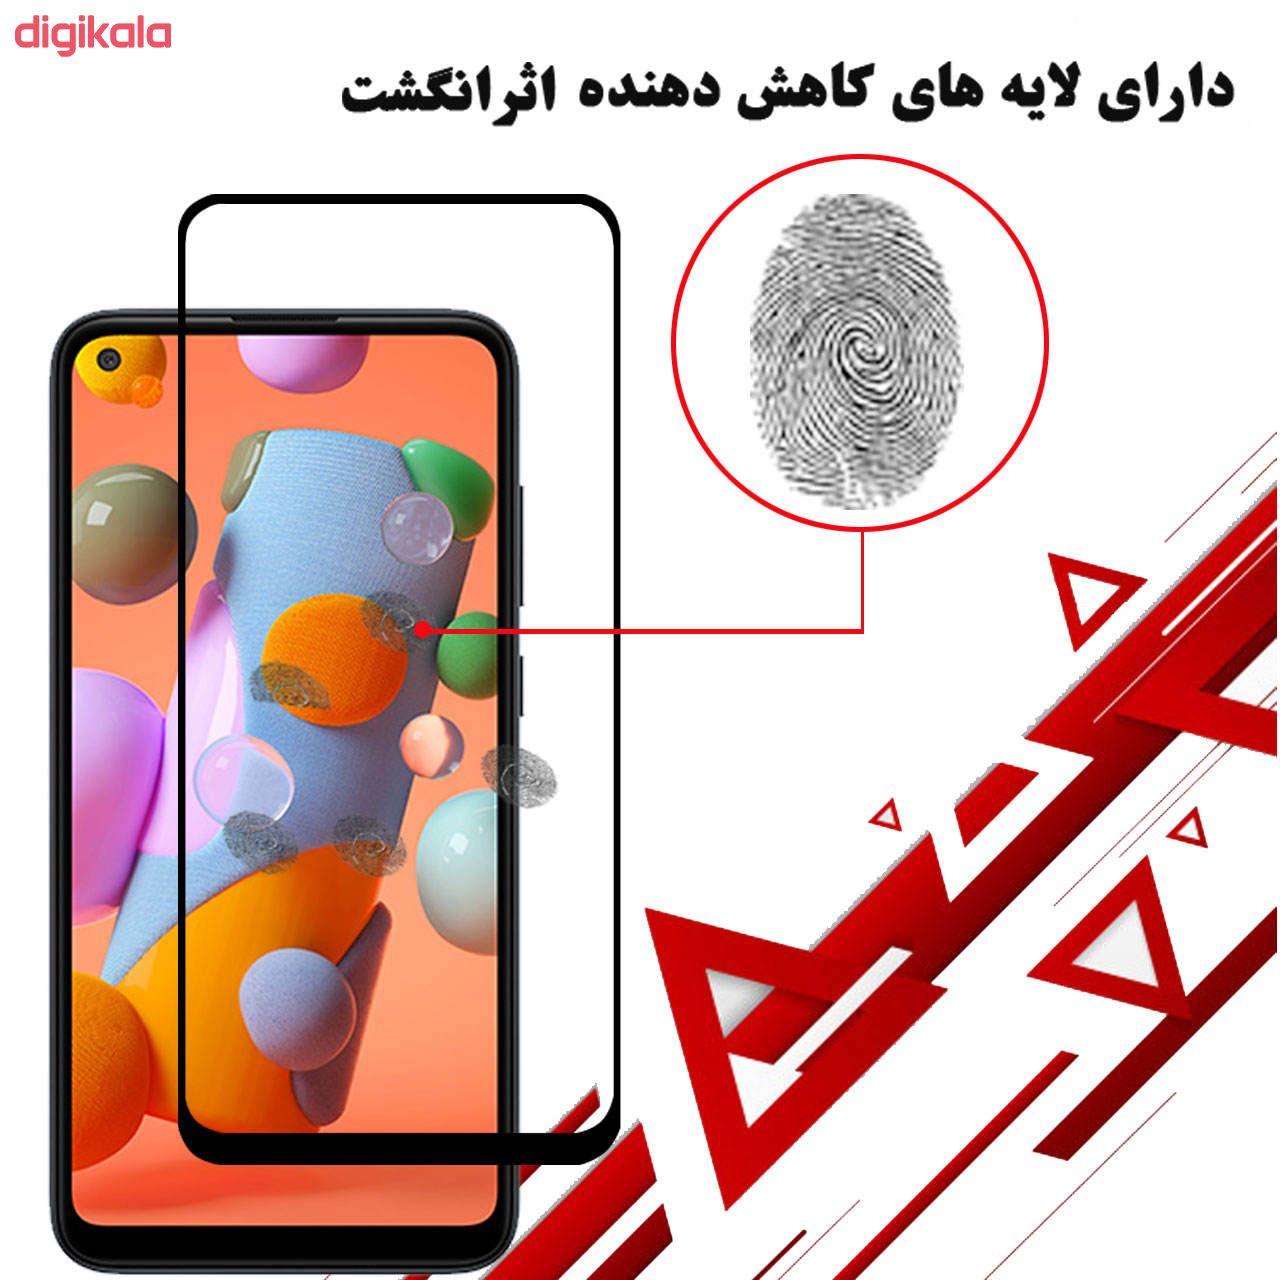 محافظ صفحه نمایش فوکس مدل PT001 مناسب برای گوشی موبایل سامسونگ Galaxy A11 main 1 3